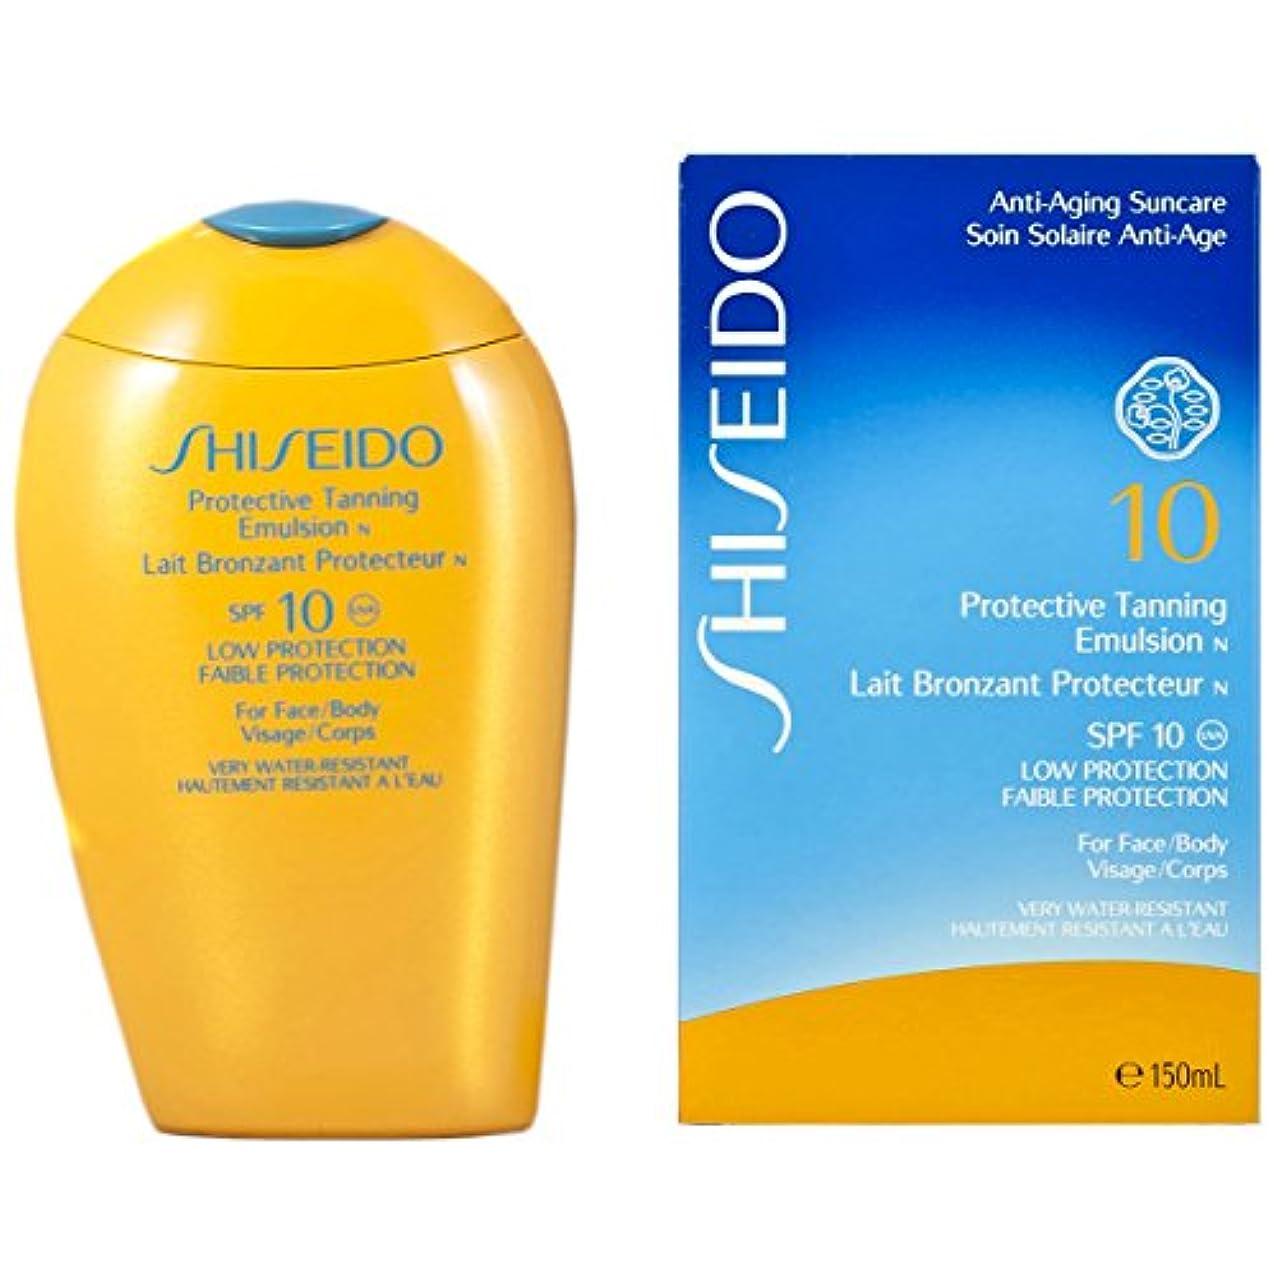 独立して船尾人資生堂 Protective Tanning Emulsion N SPF 10 (For Face & Body) 150ml/5oz並行輸入品